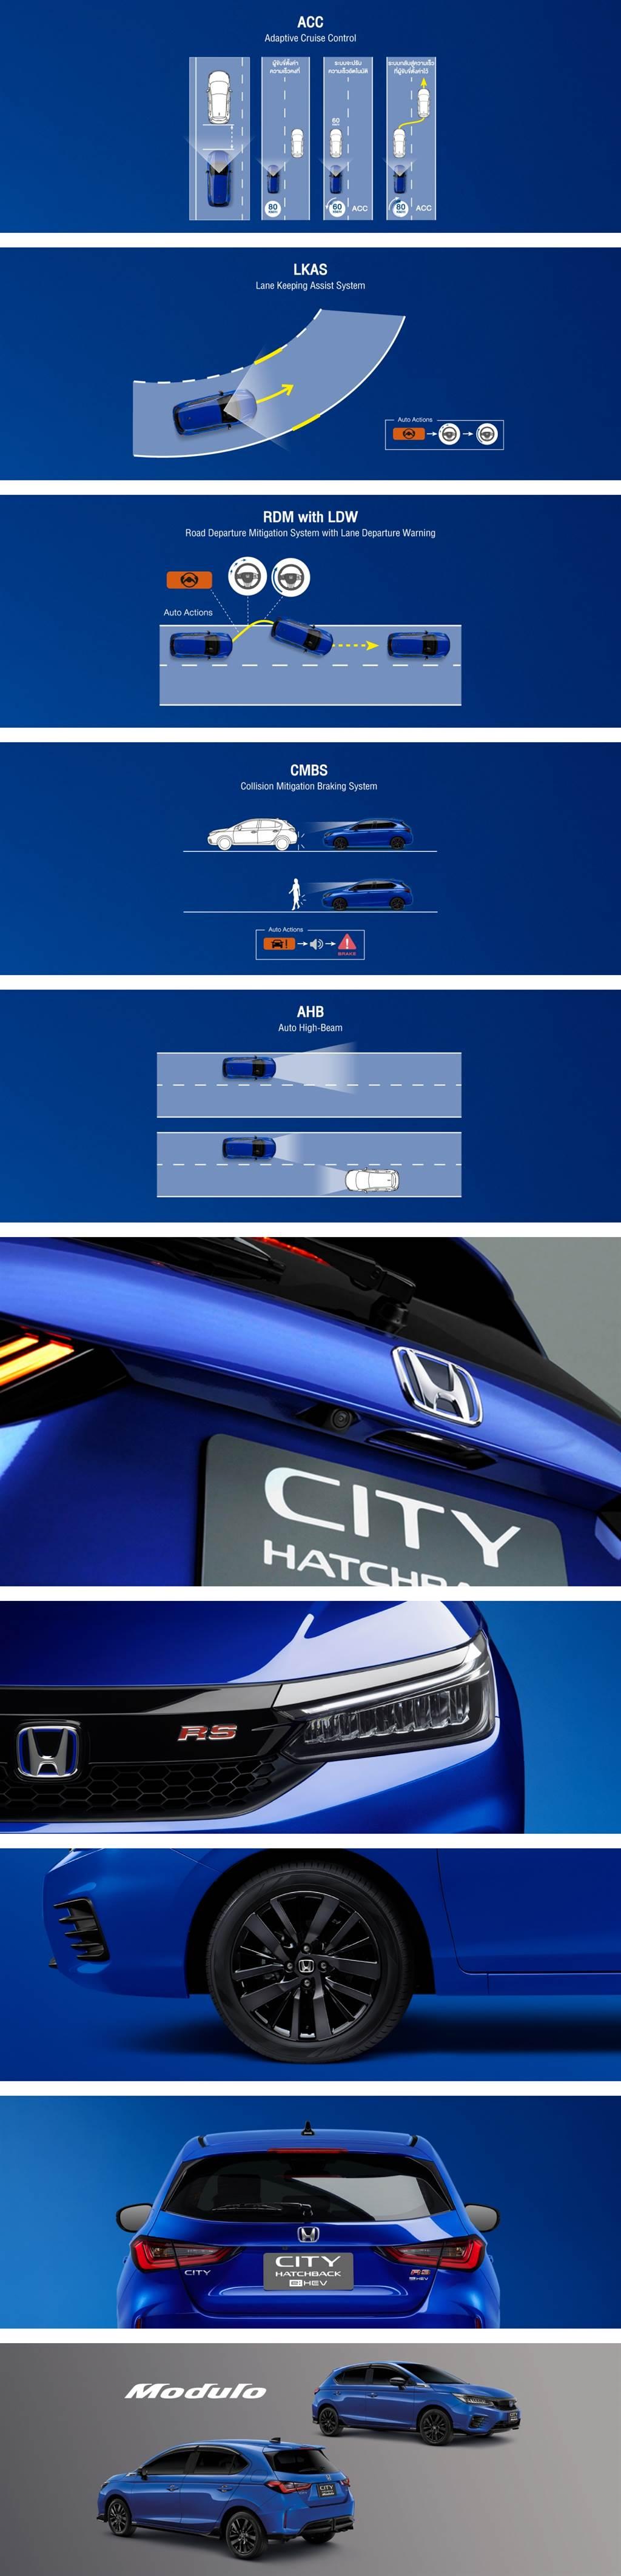 總算迎來更節能的 i-MMD 油電動力,Honda City Hatchback e:HEV RS 規格泰國發表!